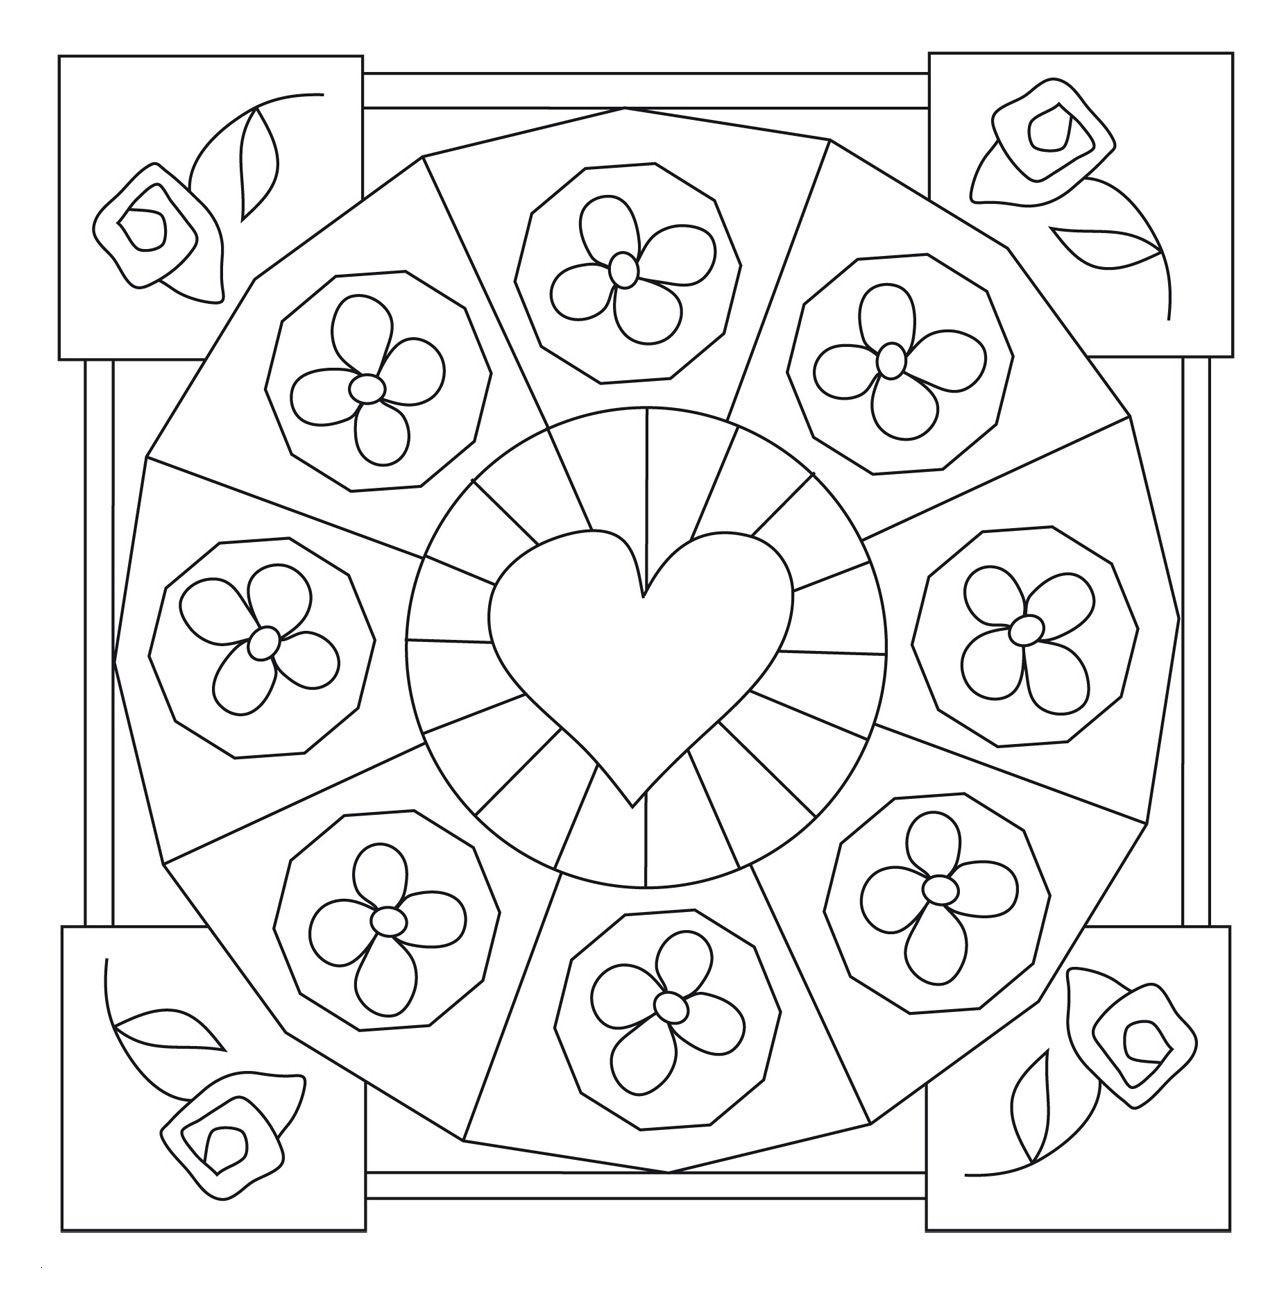 Ausmalbilder Weihnachten Mandala Einzigartig 45 Einzigartig Weihnachten Mandala Ausmalbilder Beste Malvorlage Galerie